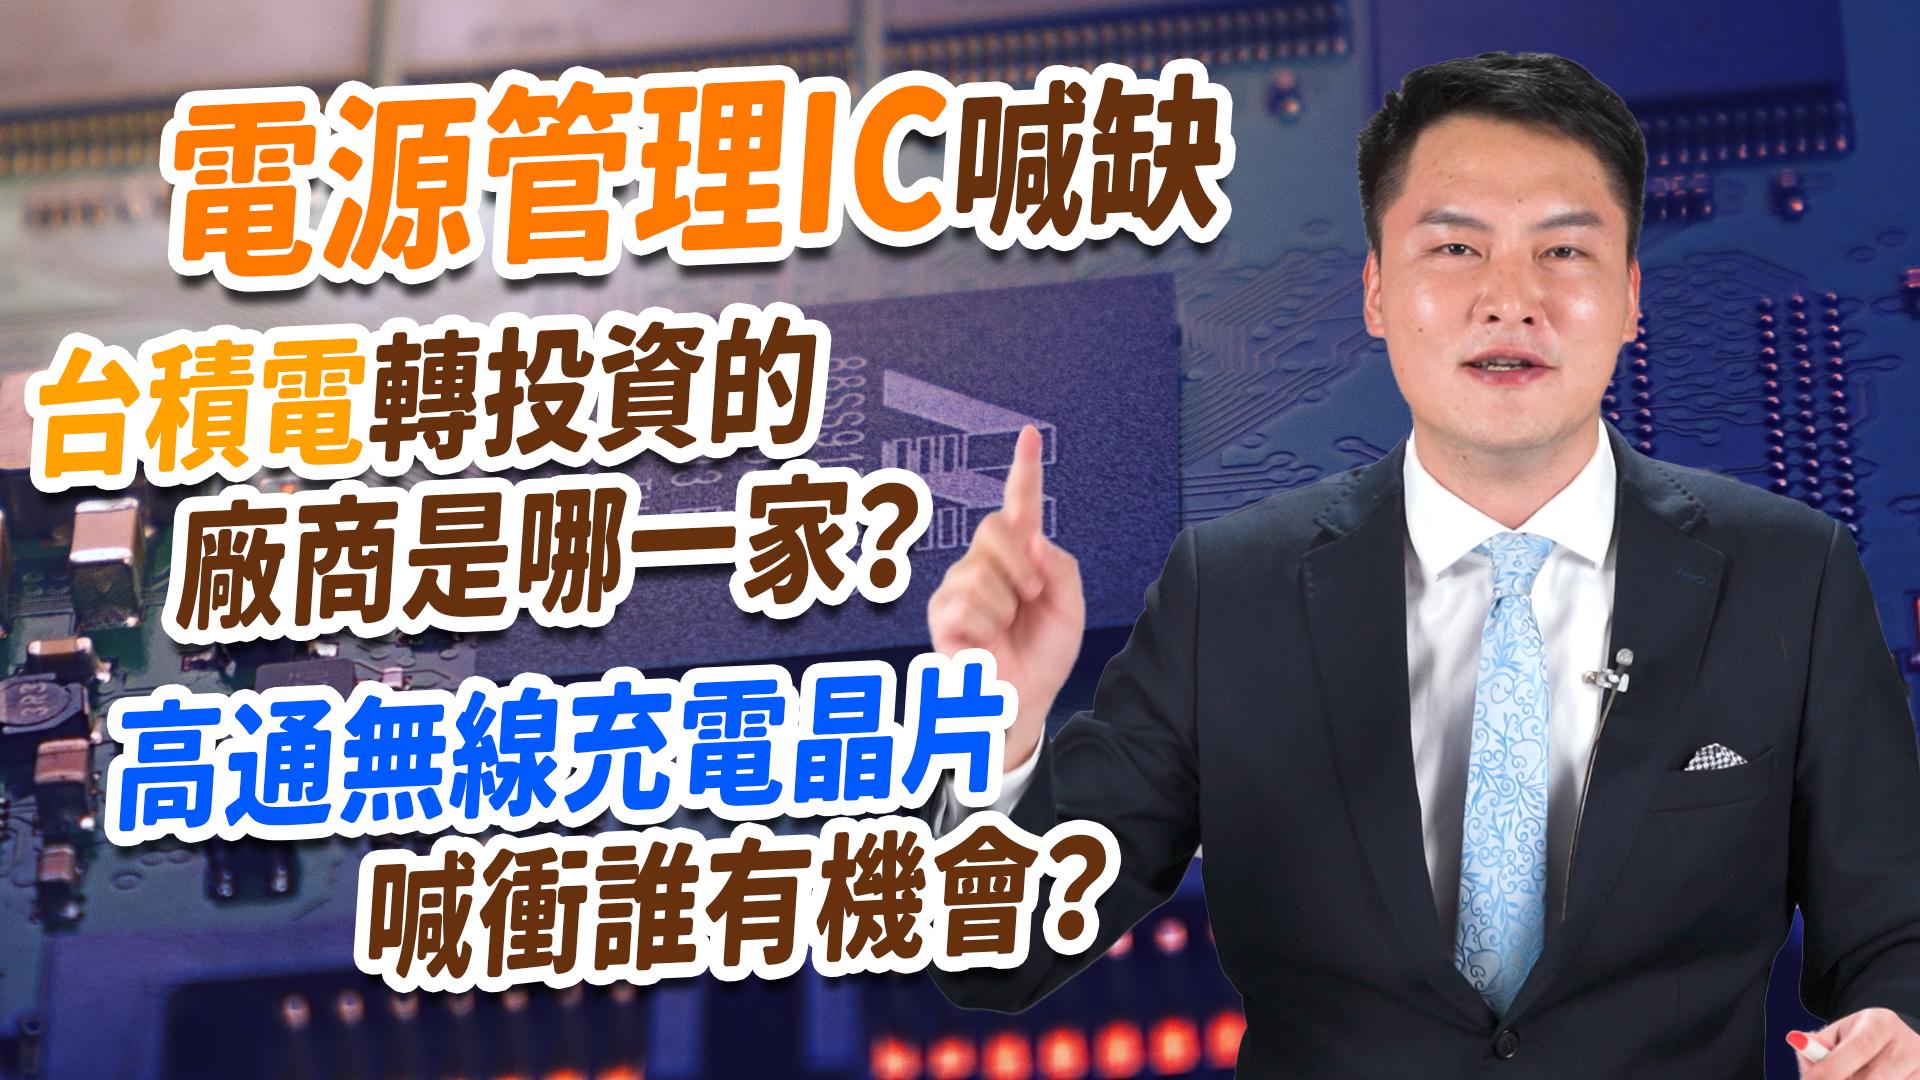 電源管理IC喊缺 台積電轉投資的廠商是哪一家?高通無線充電晶片喊衝誰有機會?【股市映幫幫】